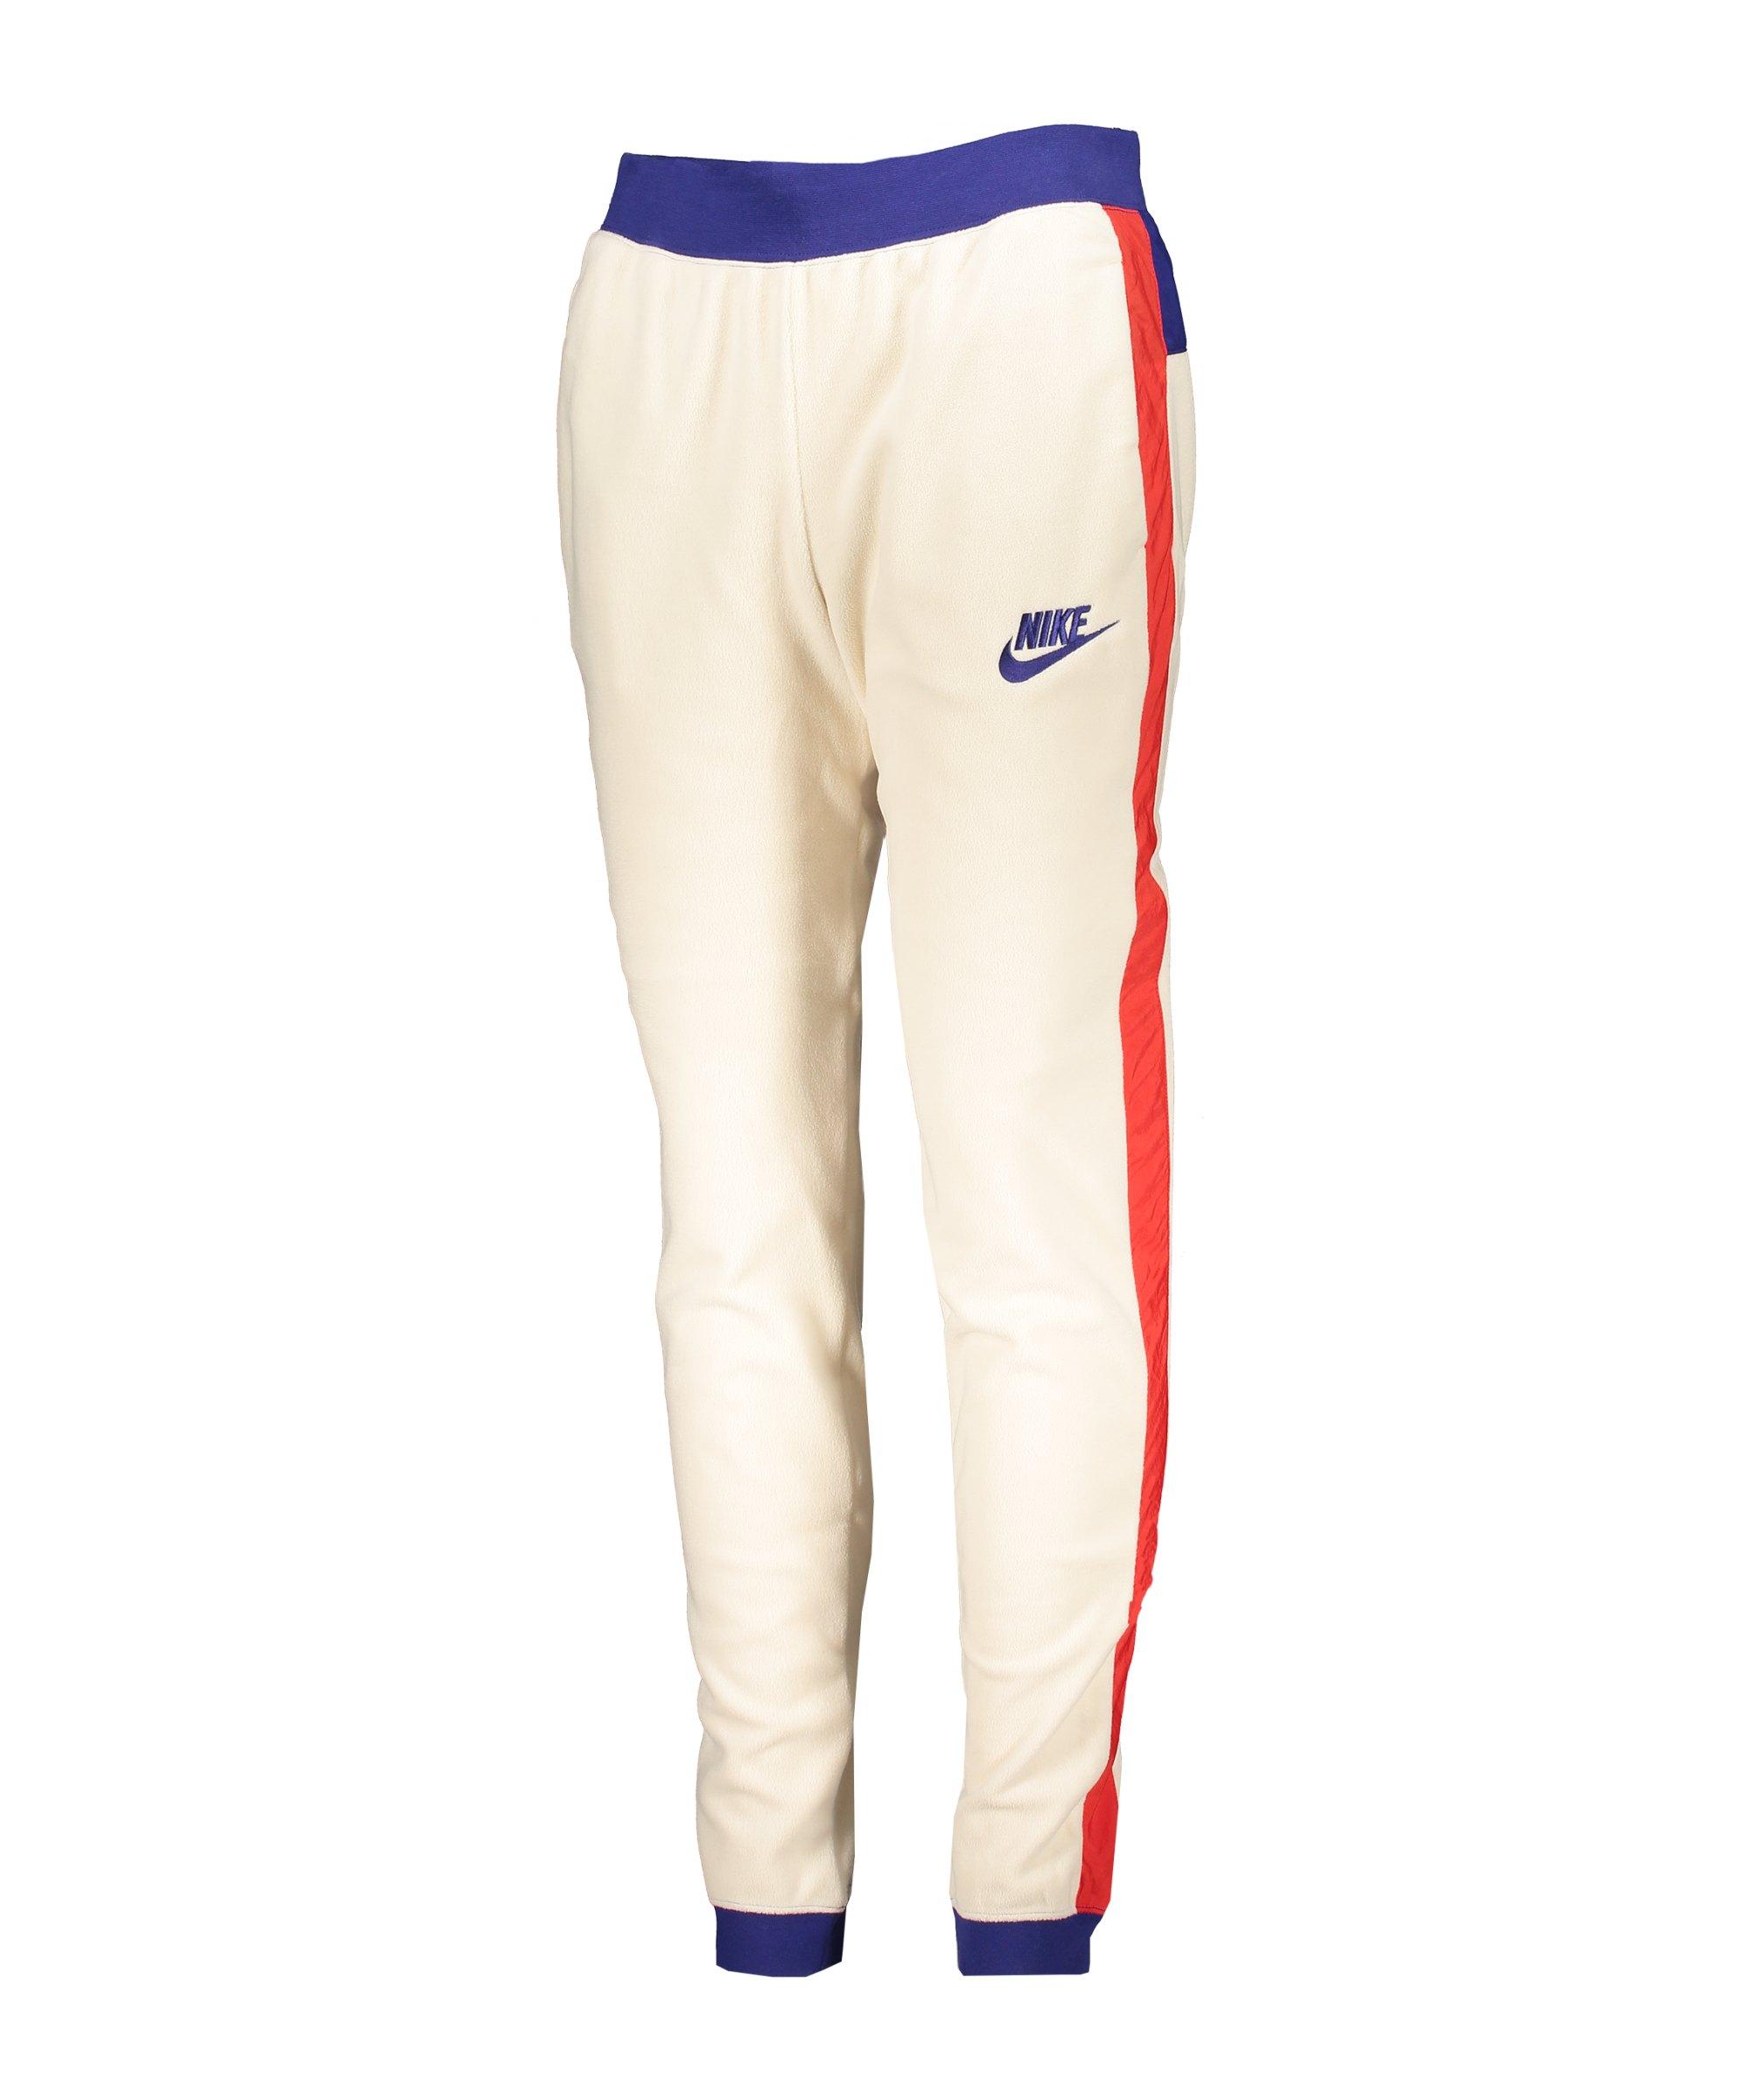 Nike Polar Jogginghose Damen Beige Rot F271 - beige